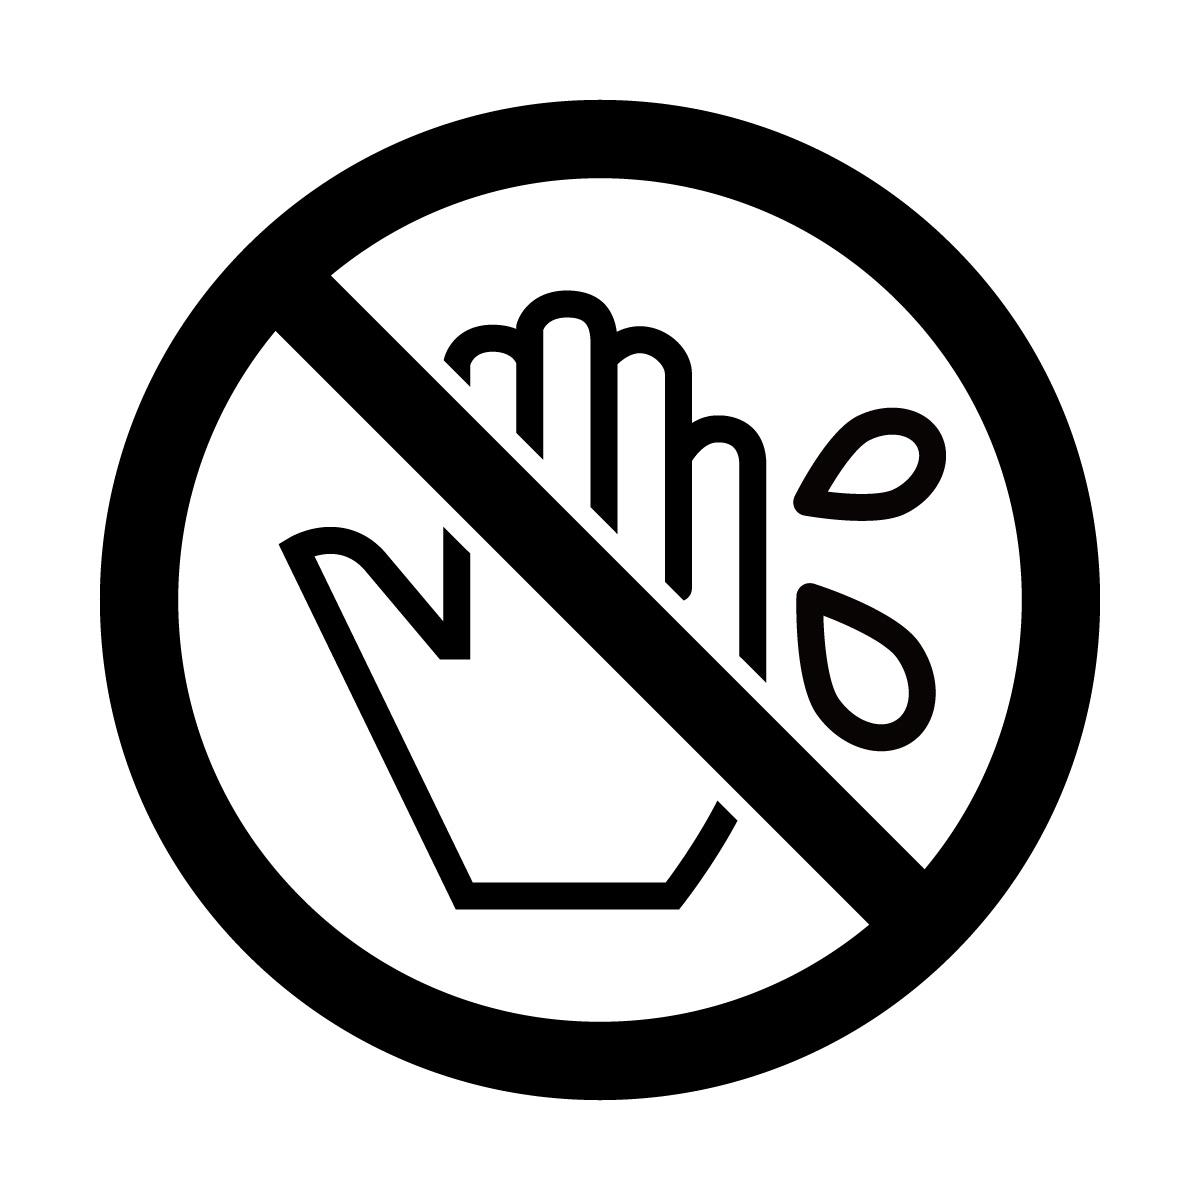 黒色の濡れ手でさわるな禁止マークのカッティングステッカー・シール